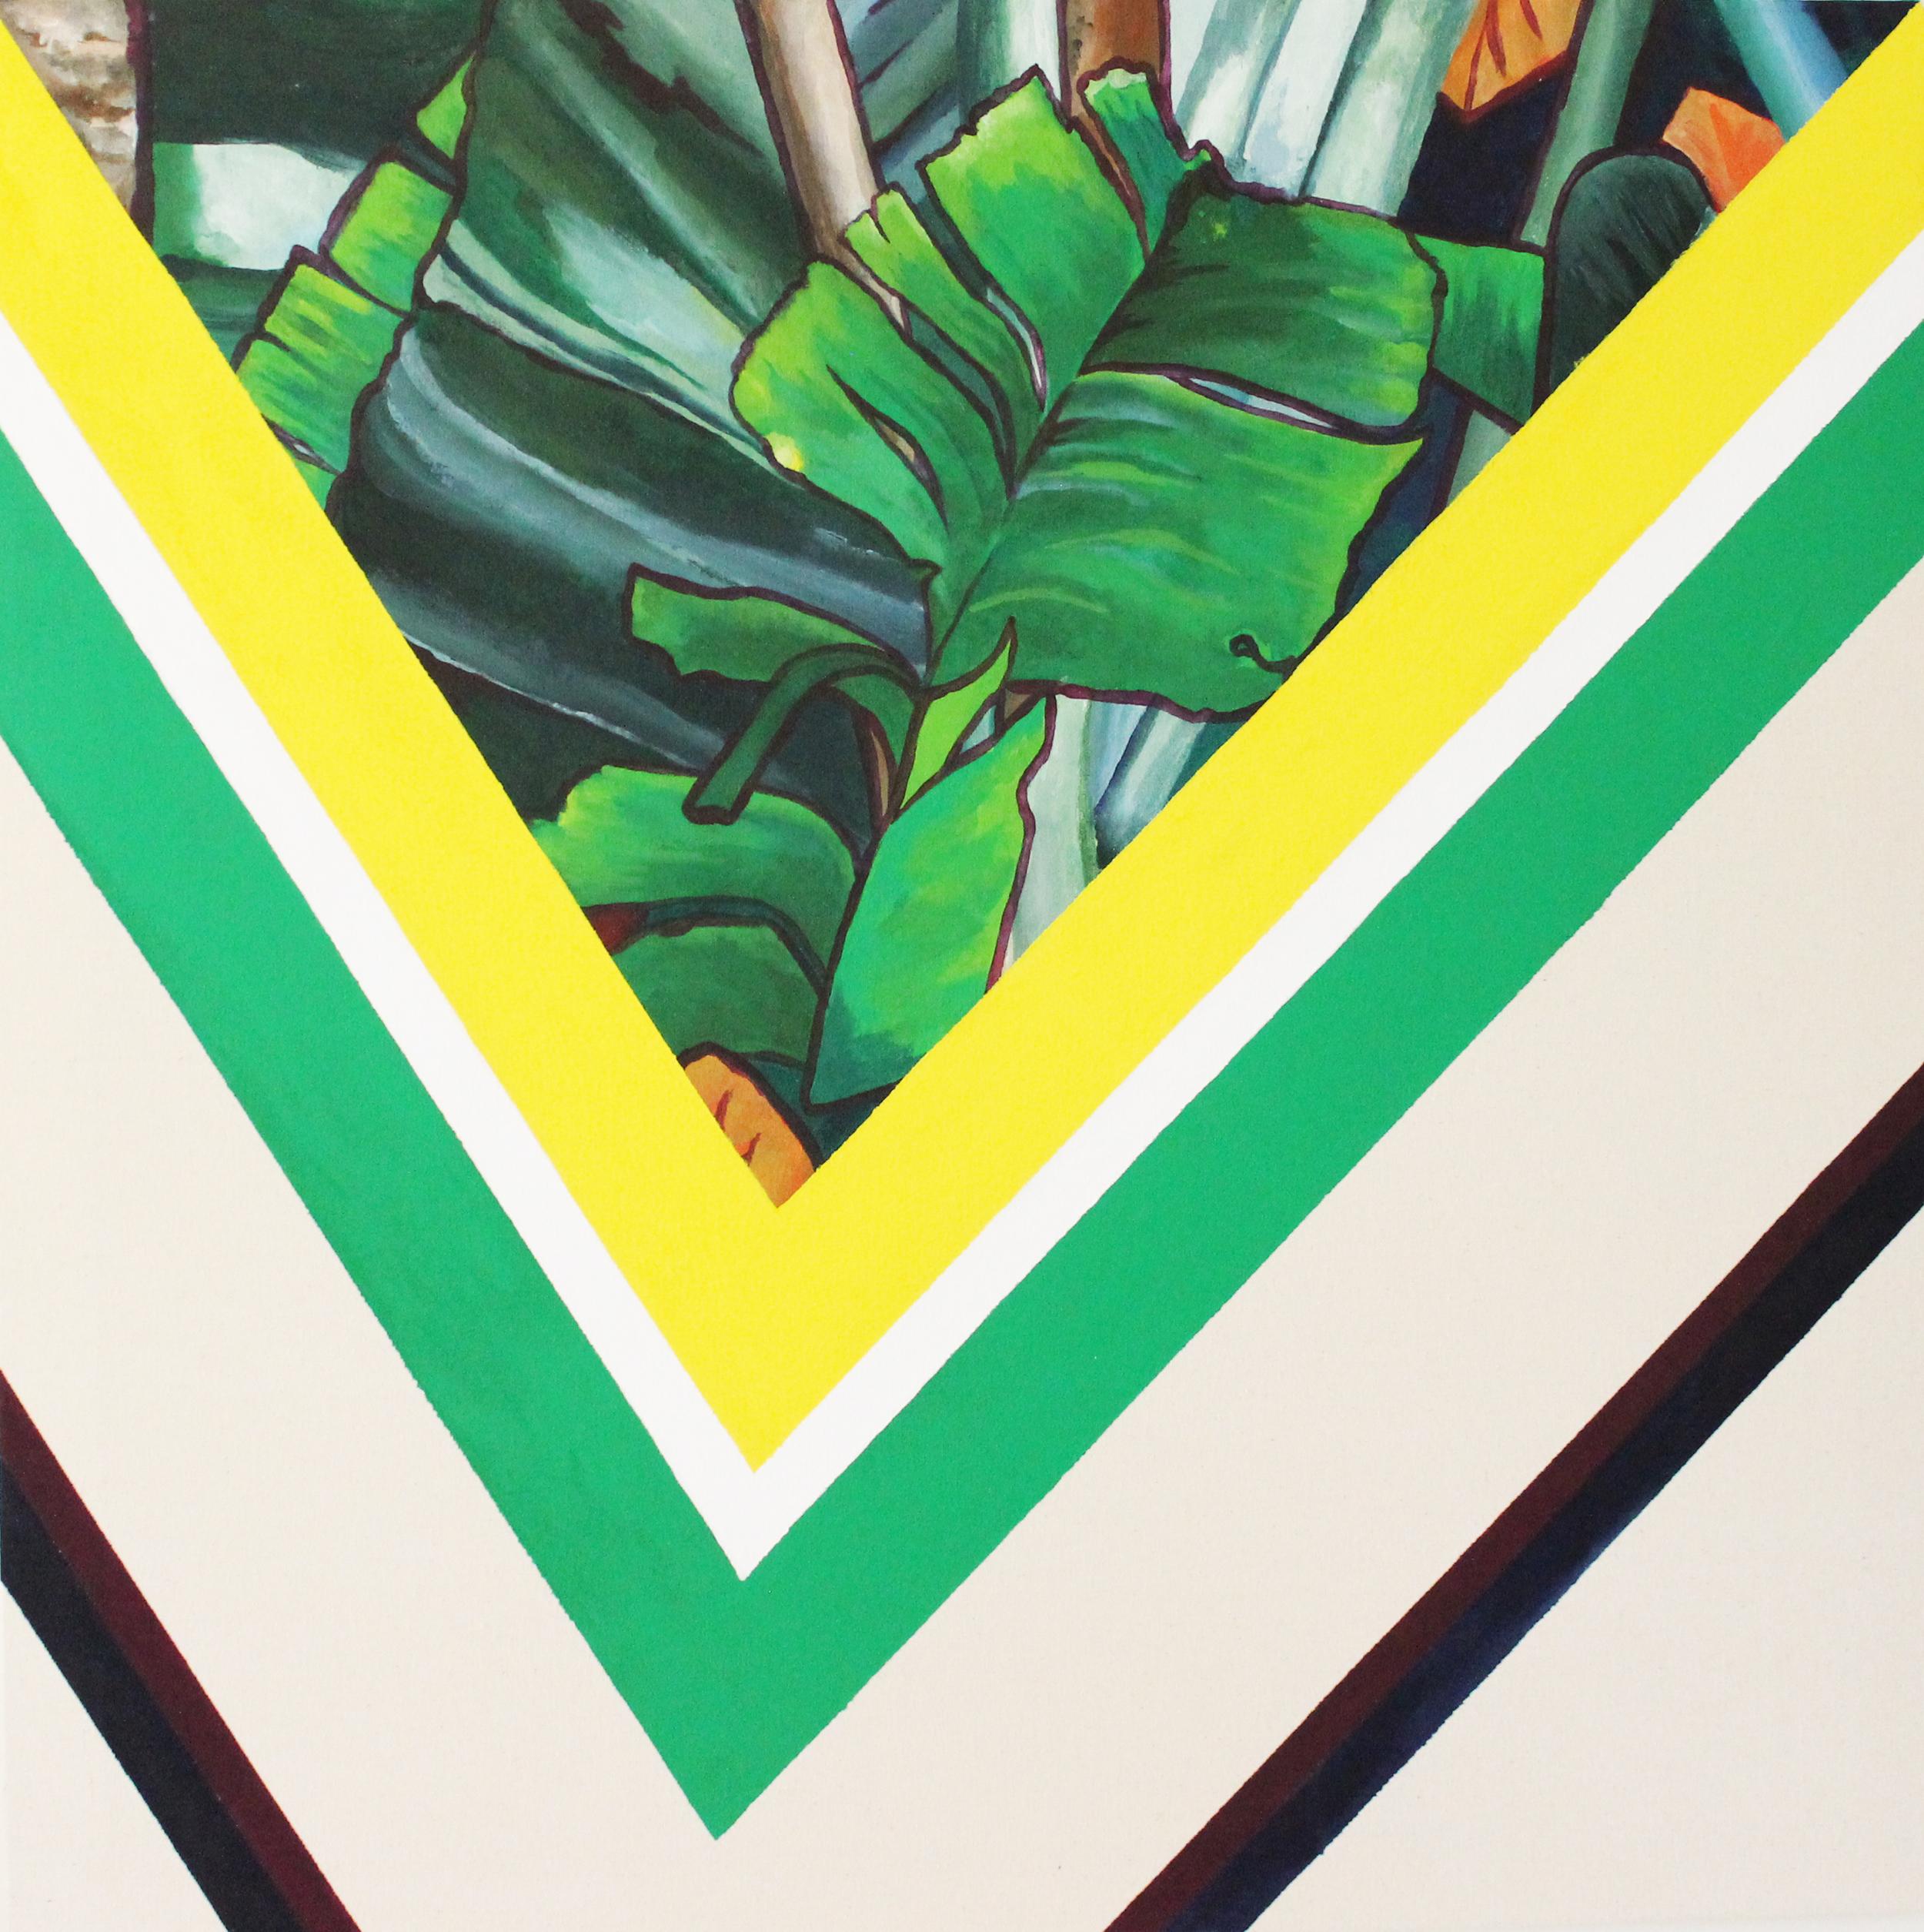 Noland Green